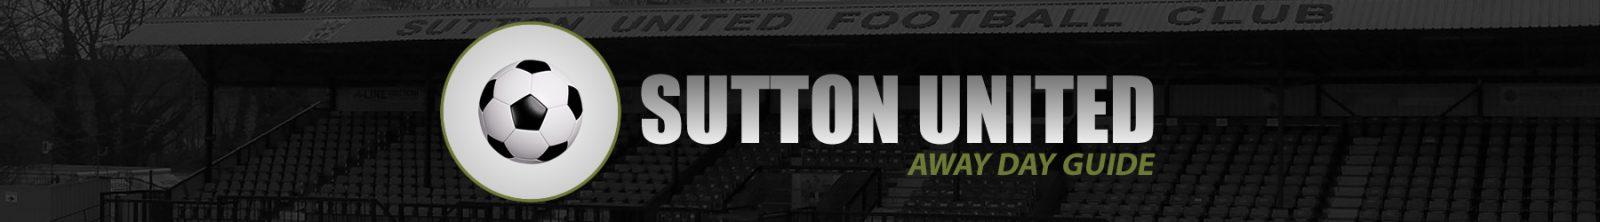 Sutton United Away